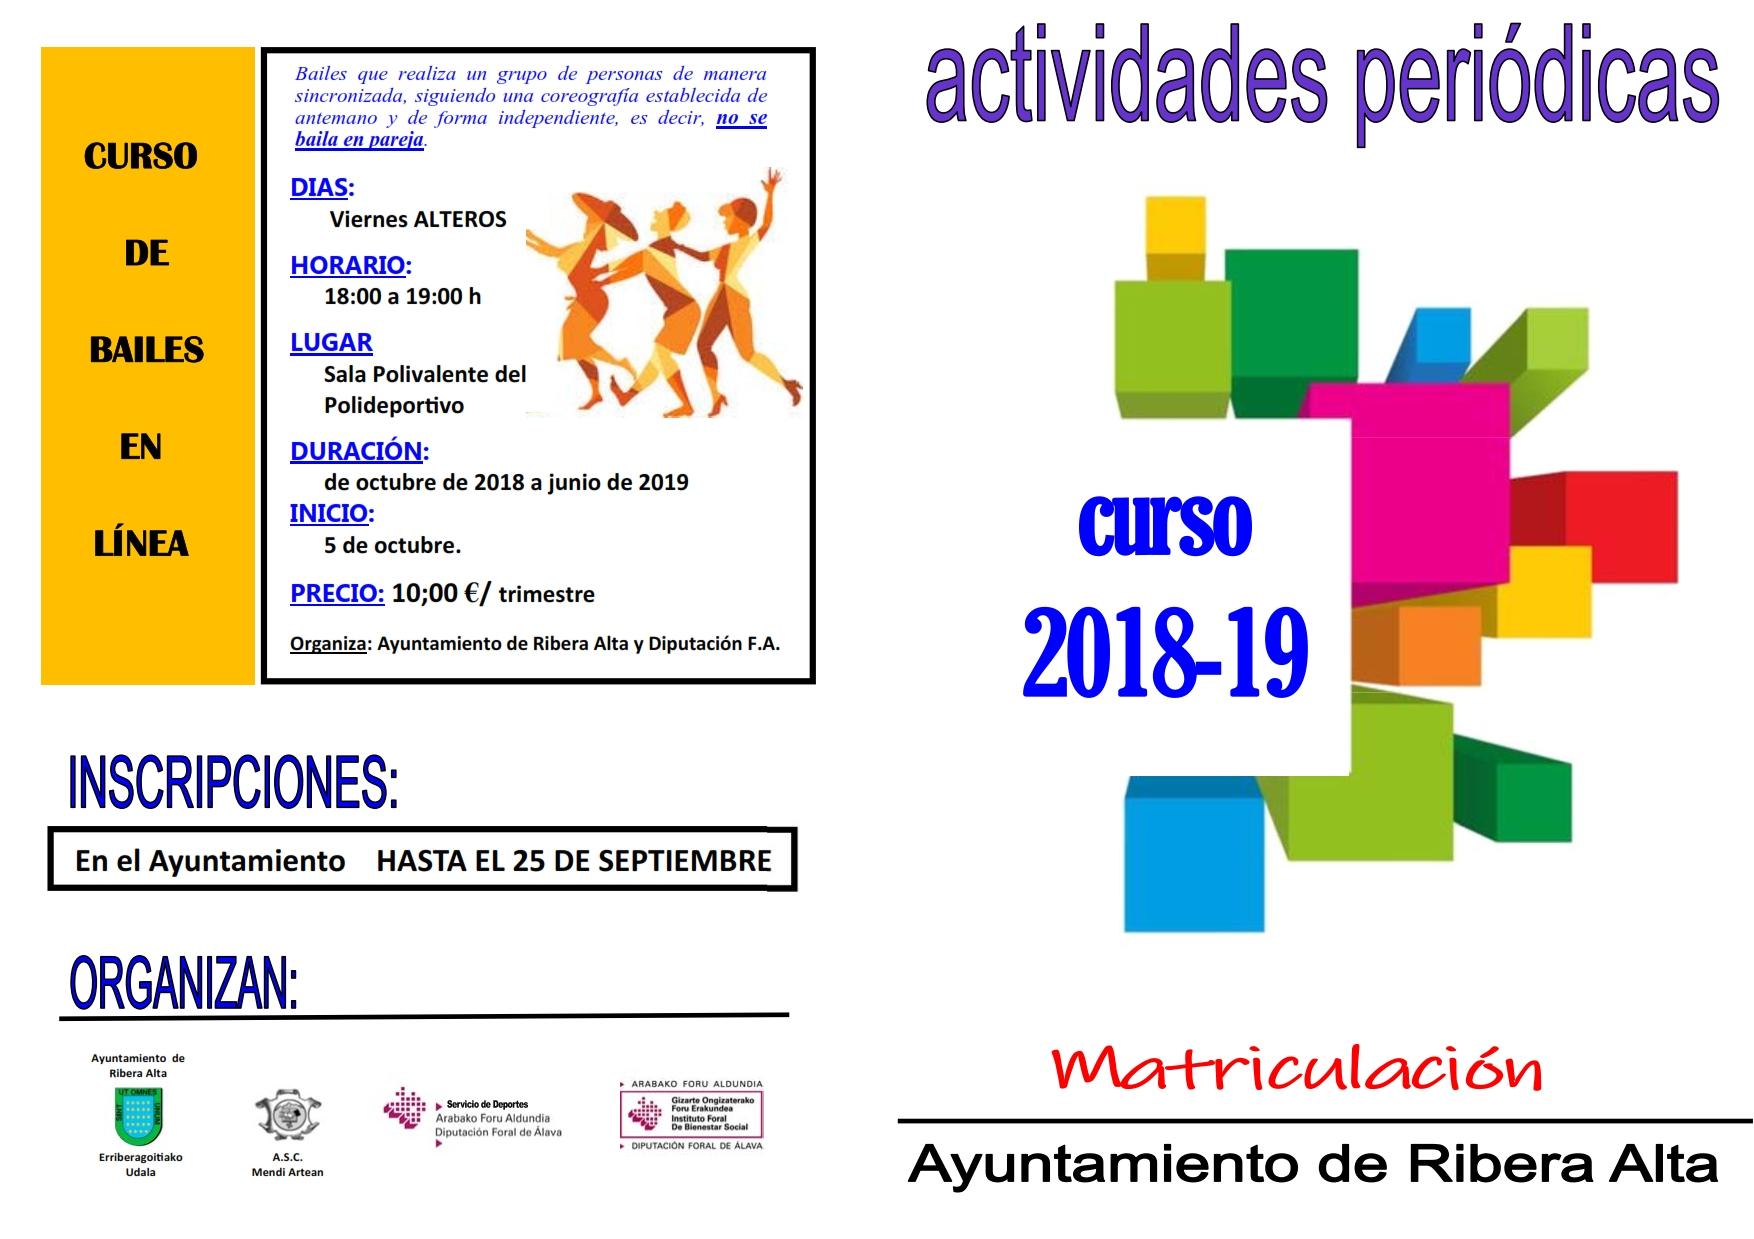 CURSOS 2018 – 2019, INSCRIPCIONES HASTA EL 25 DE SEPTIEMBRE EN EL AYUNTAMIENTO DE ERRIBERAGOITIA /RIBERA ALTA